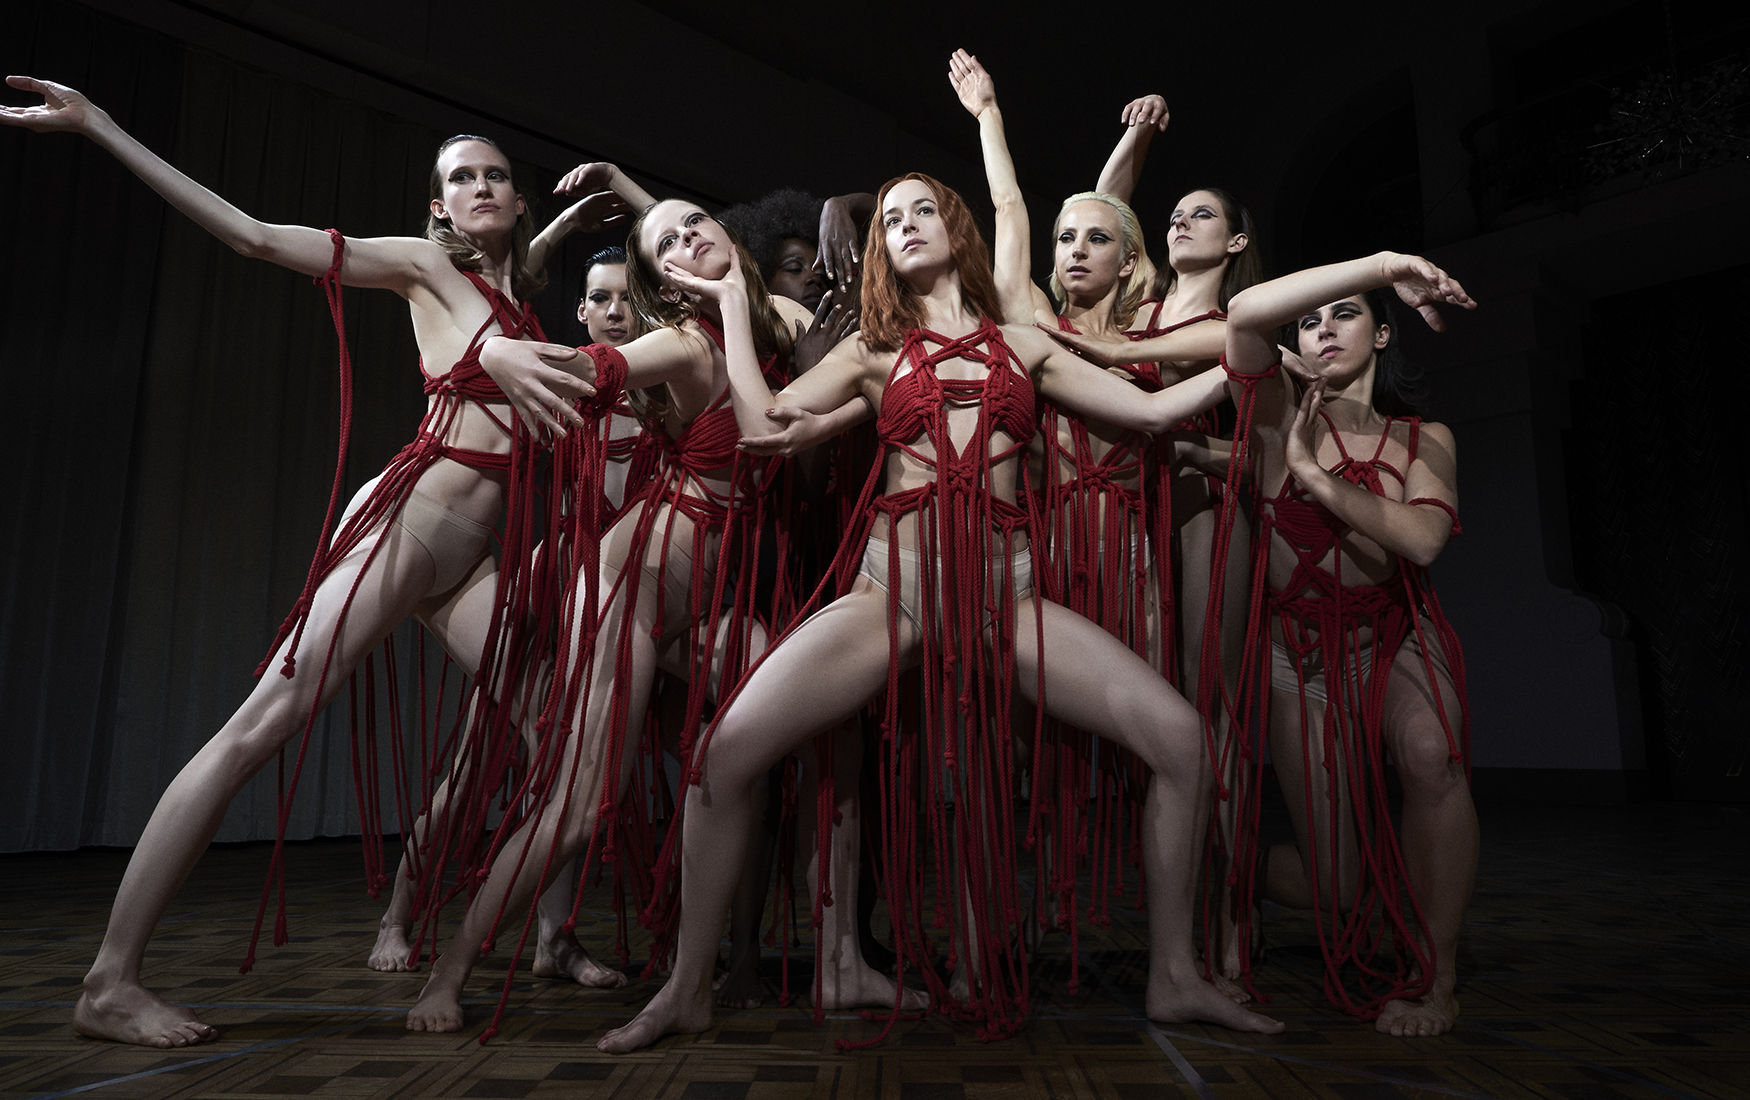 Танцы с ведьмами. Фильм недели: «Суспирия»